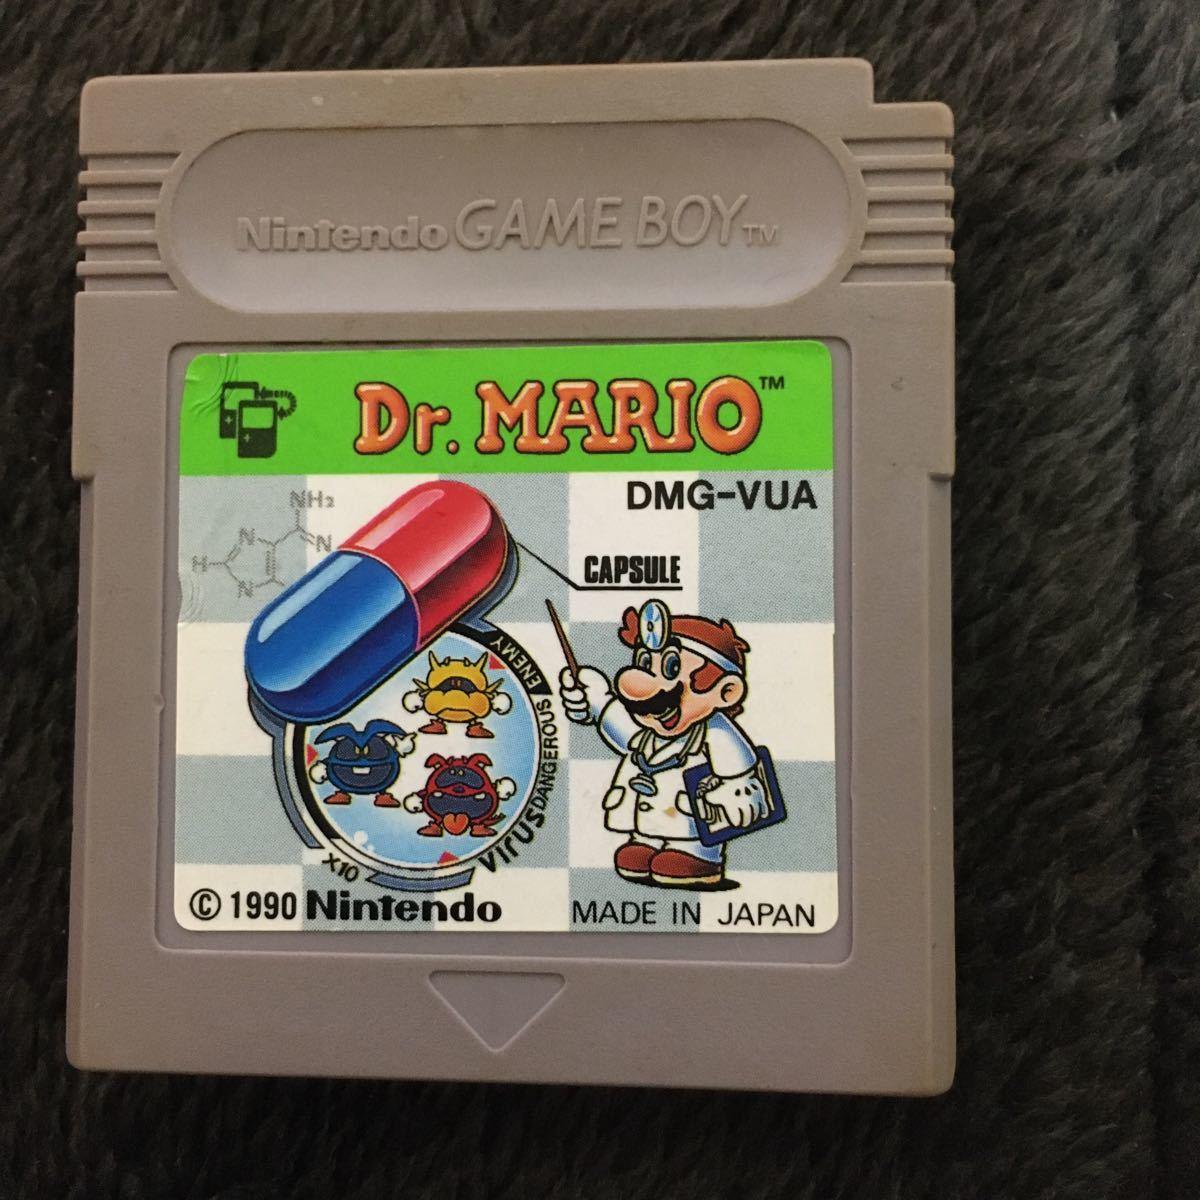 ゲームボーイ ソフト ドクターマリオ ゲームボーイ Dr.MARIO